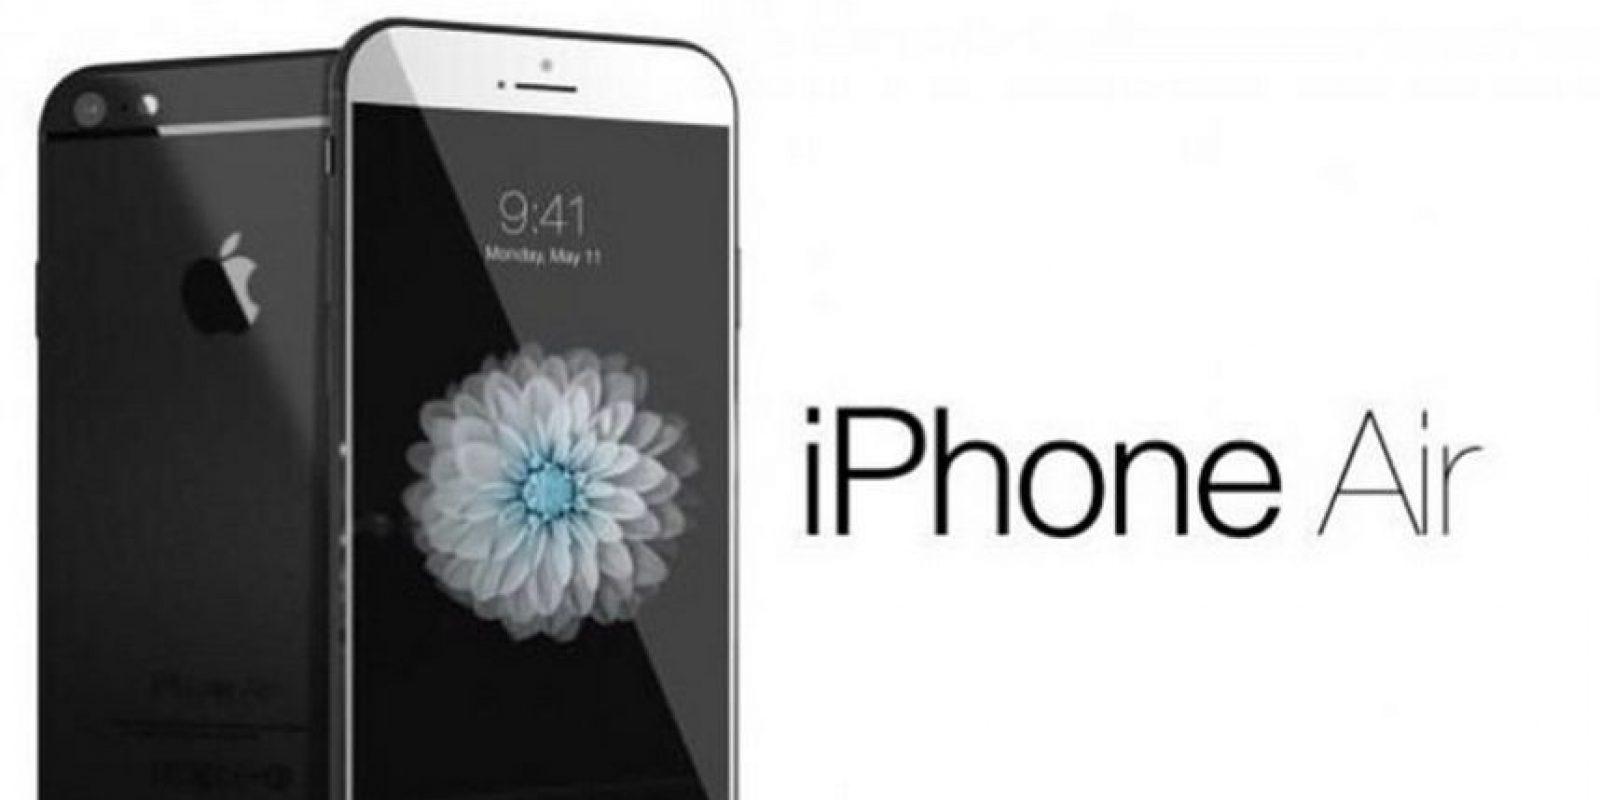 Otros creen que se tratará de un iPhone Air ultradelgado y con pantalla más grande Foto:Tumblr